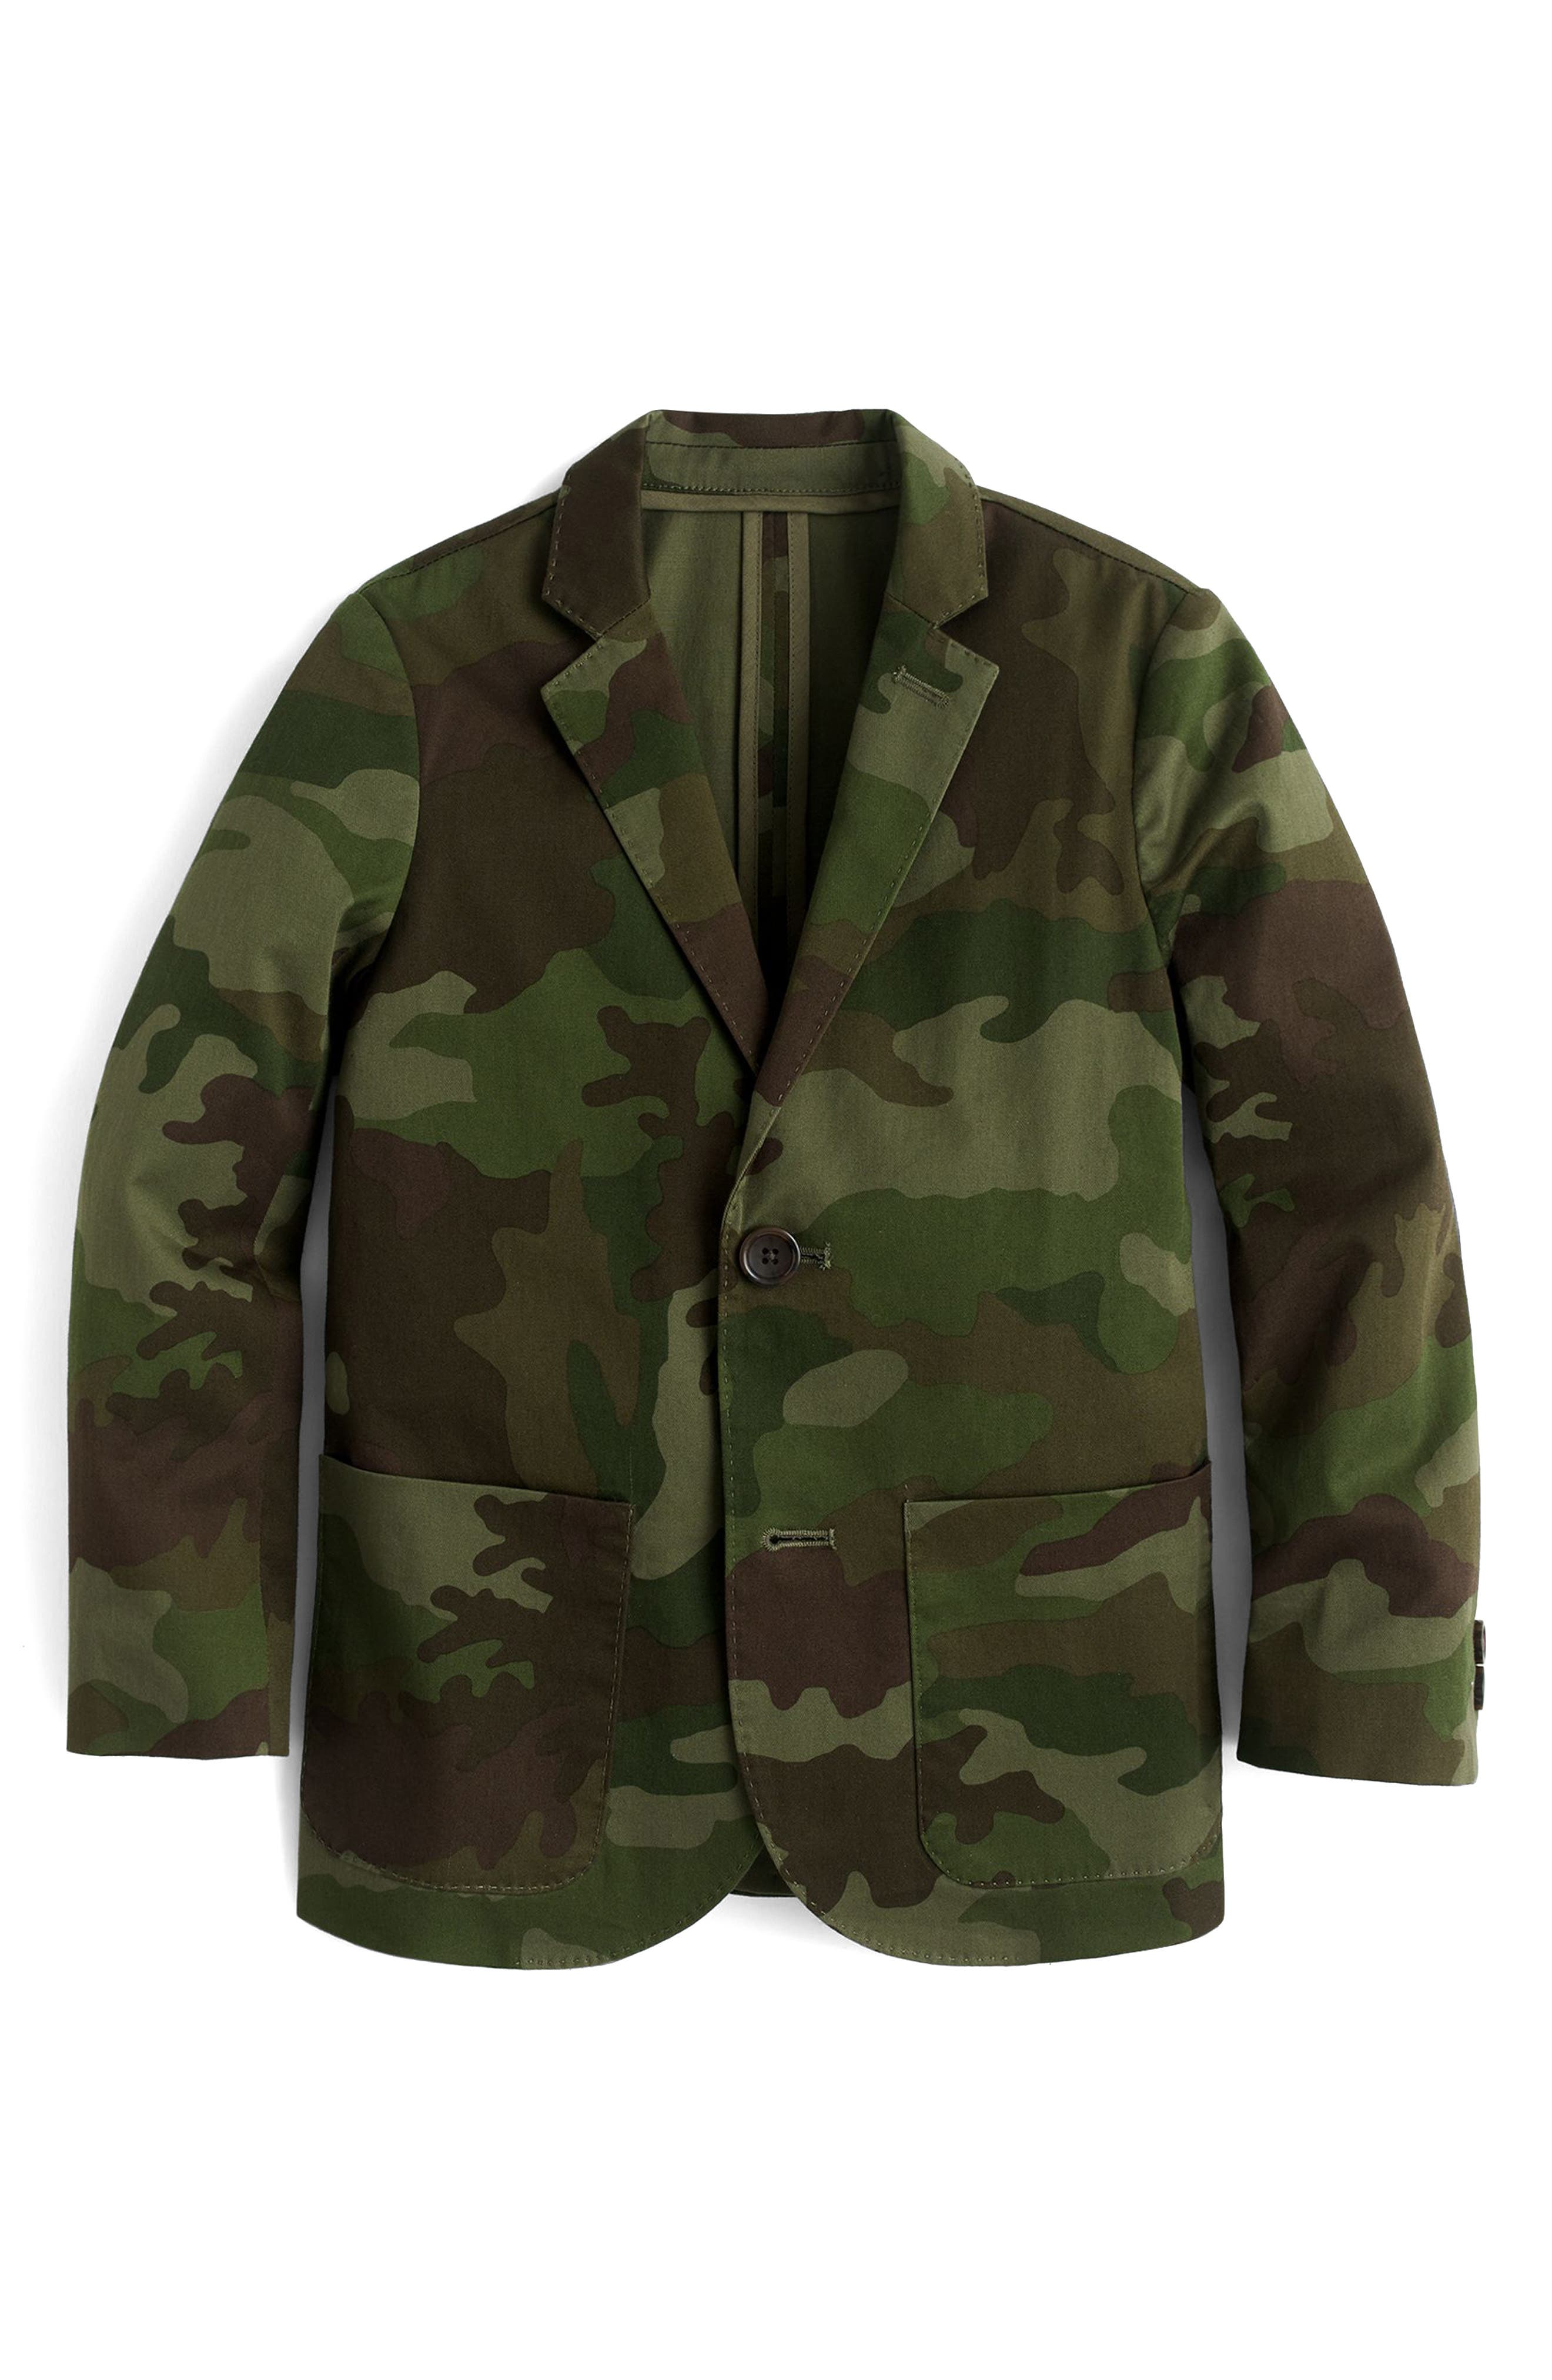 Ludlow Camo Unstructured Suit Jacket,                             Main thumbnail 1, color,                             Camo Multi Wx1672